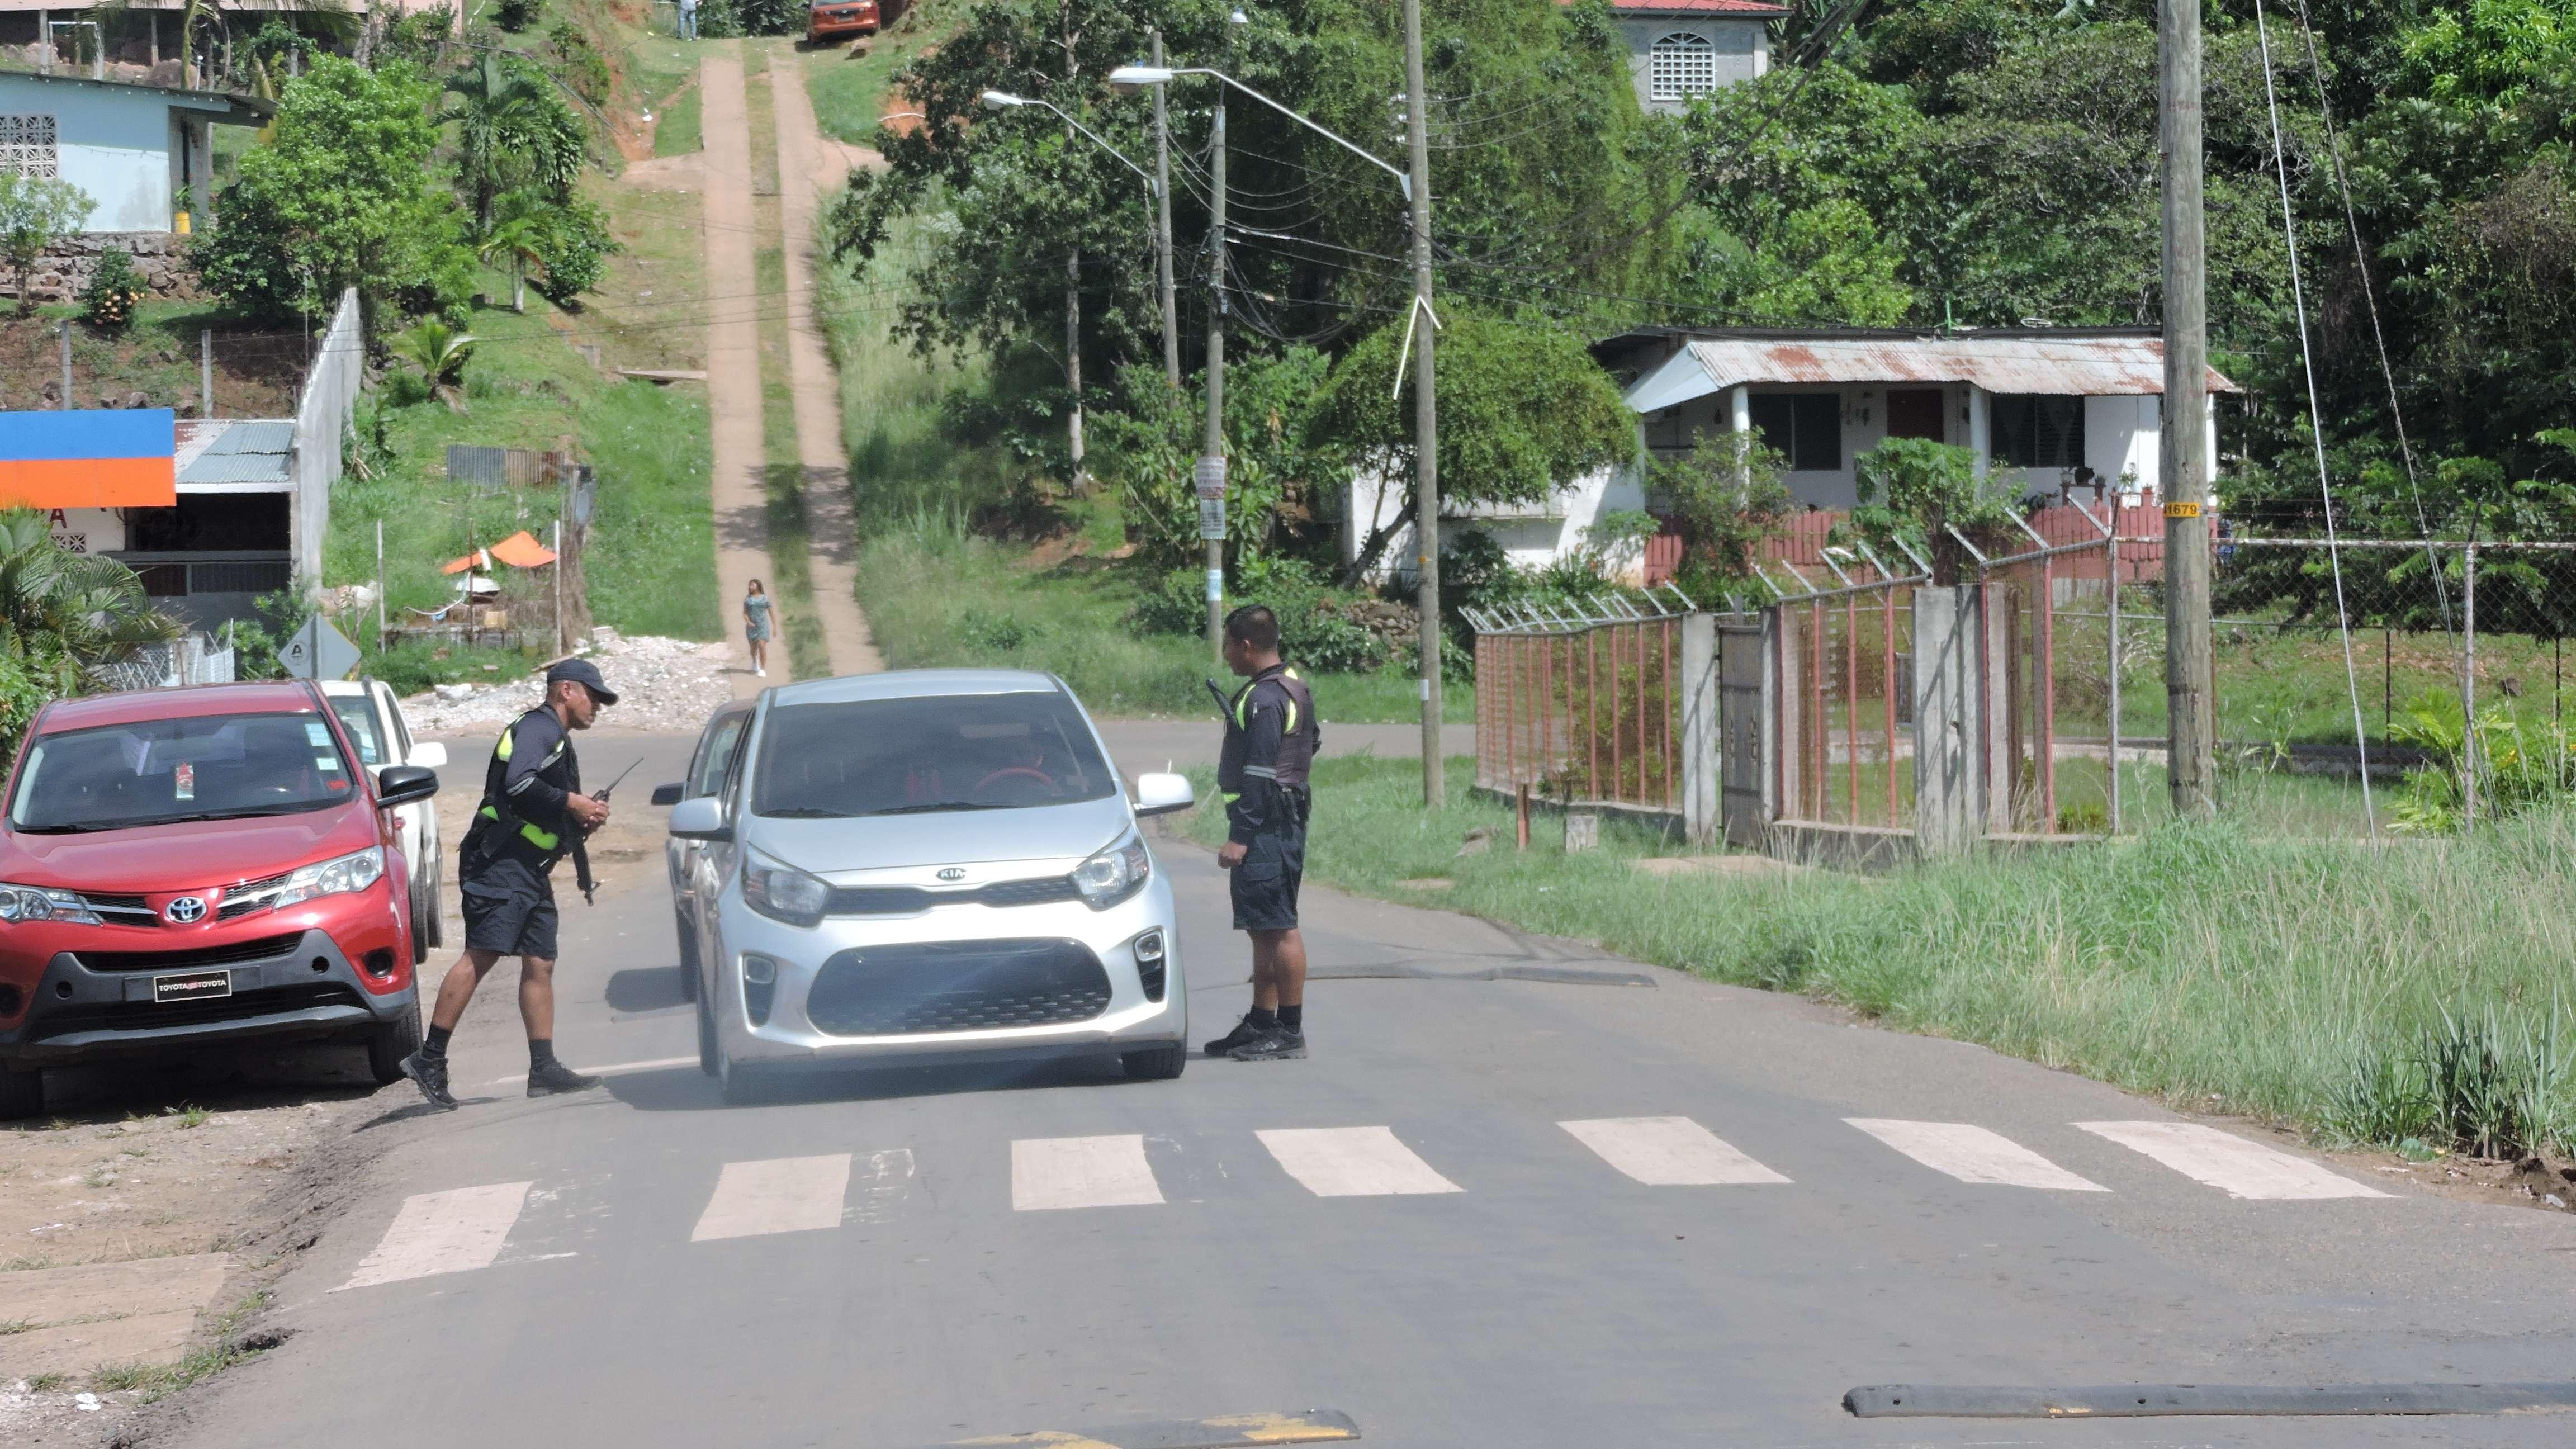 Unidades de la Policía Nacional mantienen vigilancia del área. Foto: Landro Ortiz